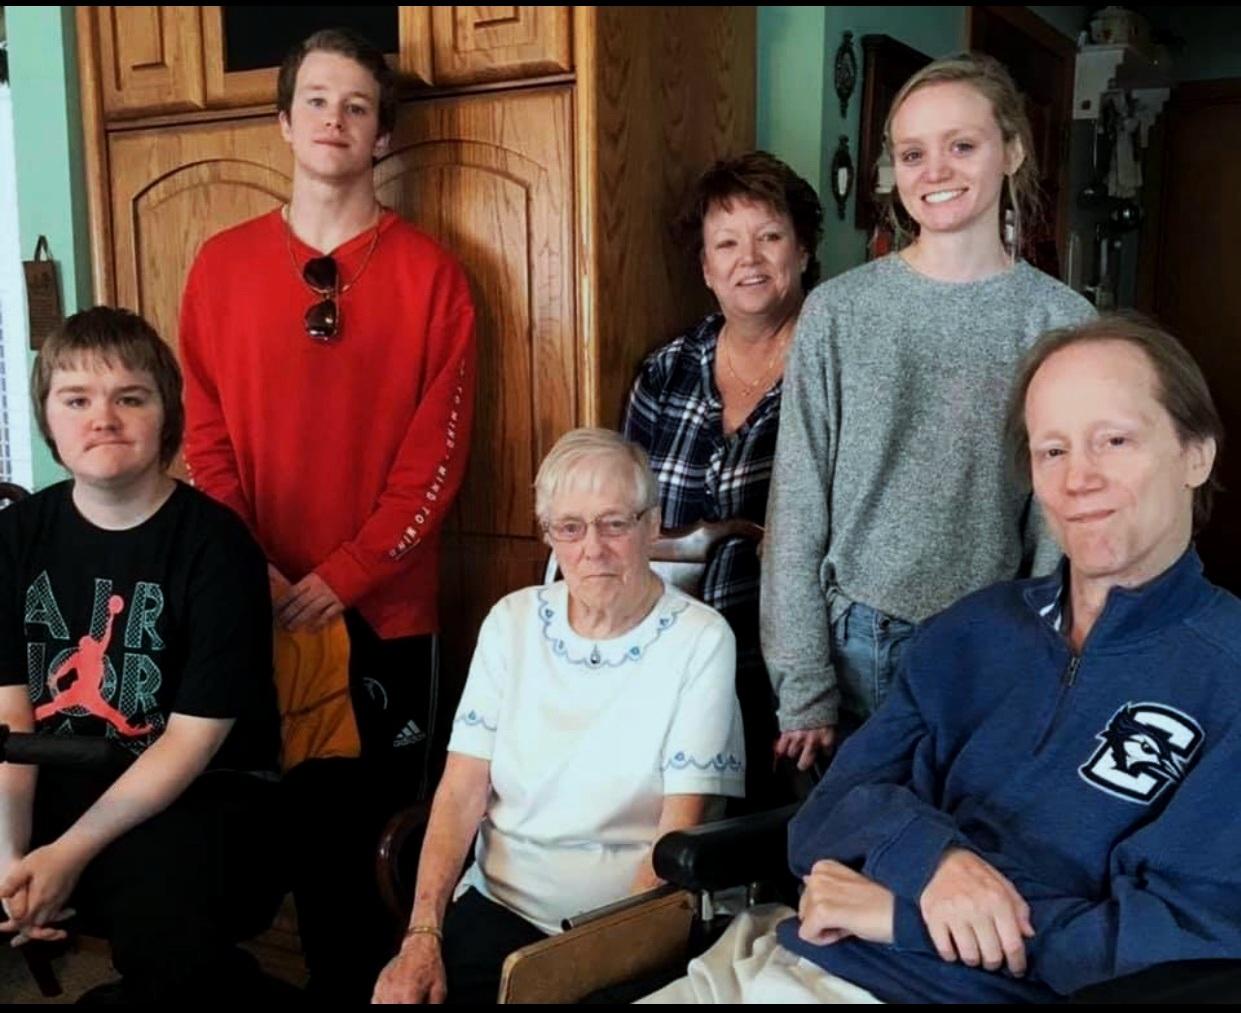 Wilson Family: Bruce (front right), Hannah (back right), Kelly (back center), Sam (back left), and Luke (front left)